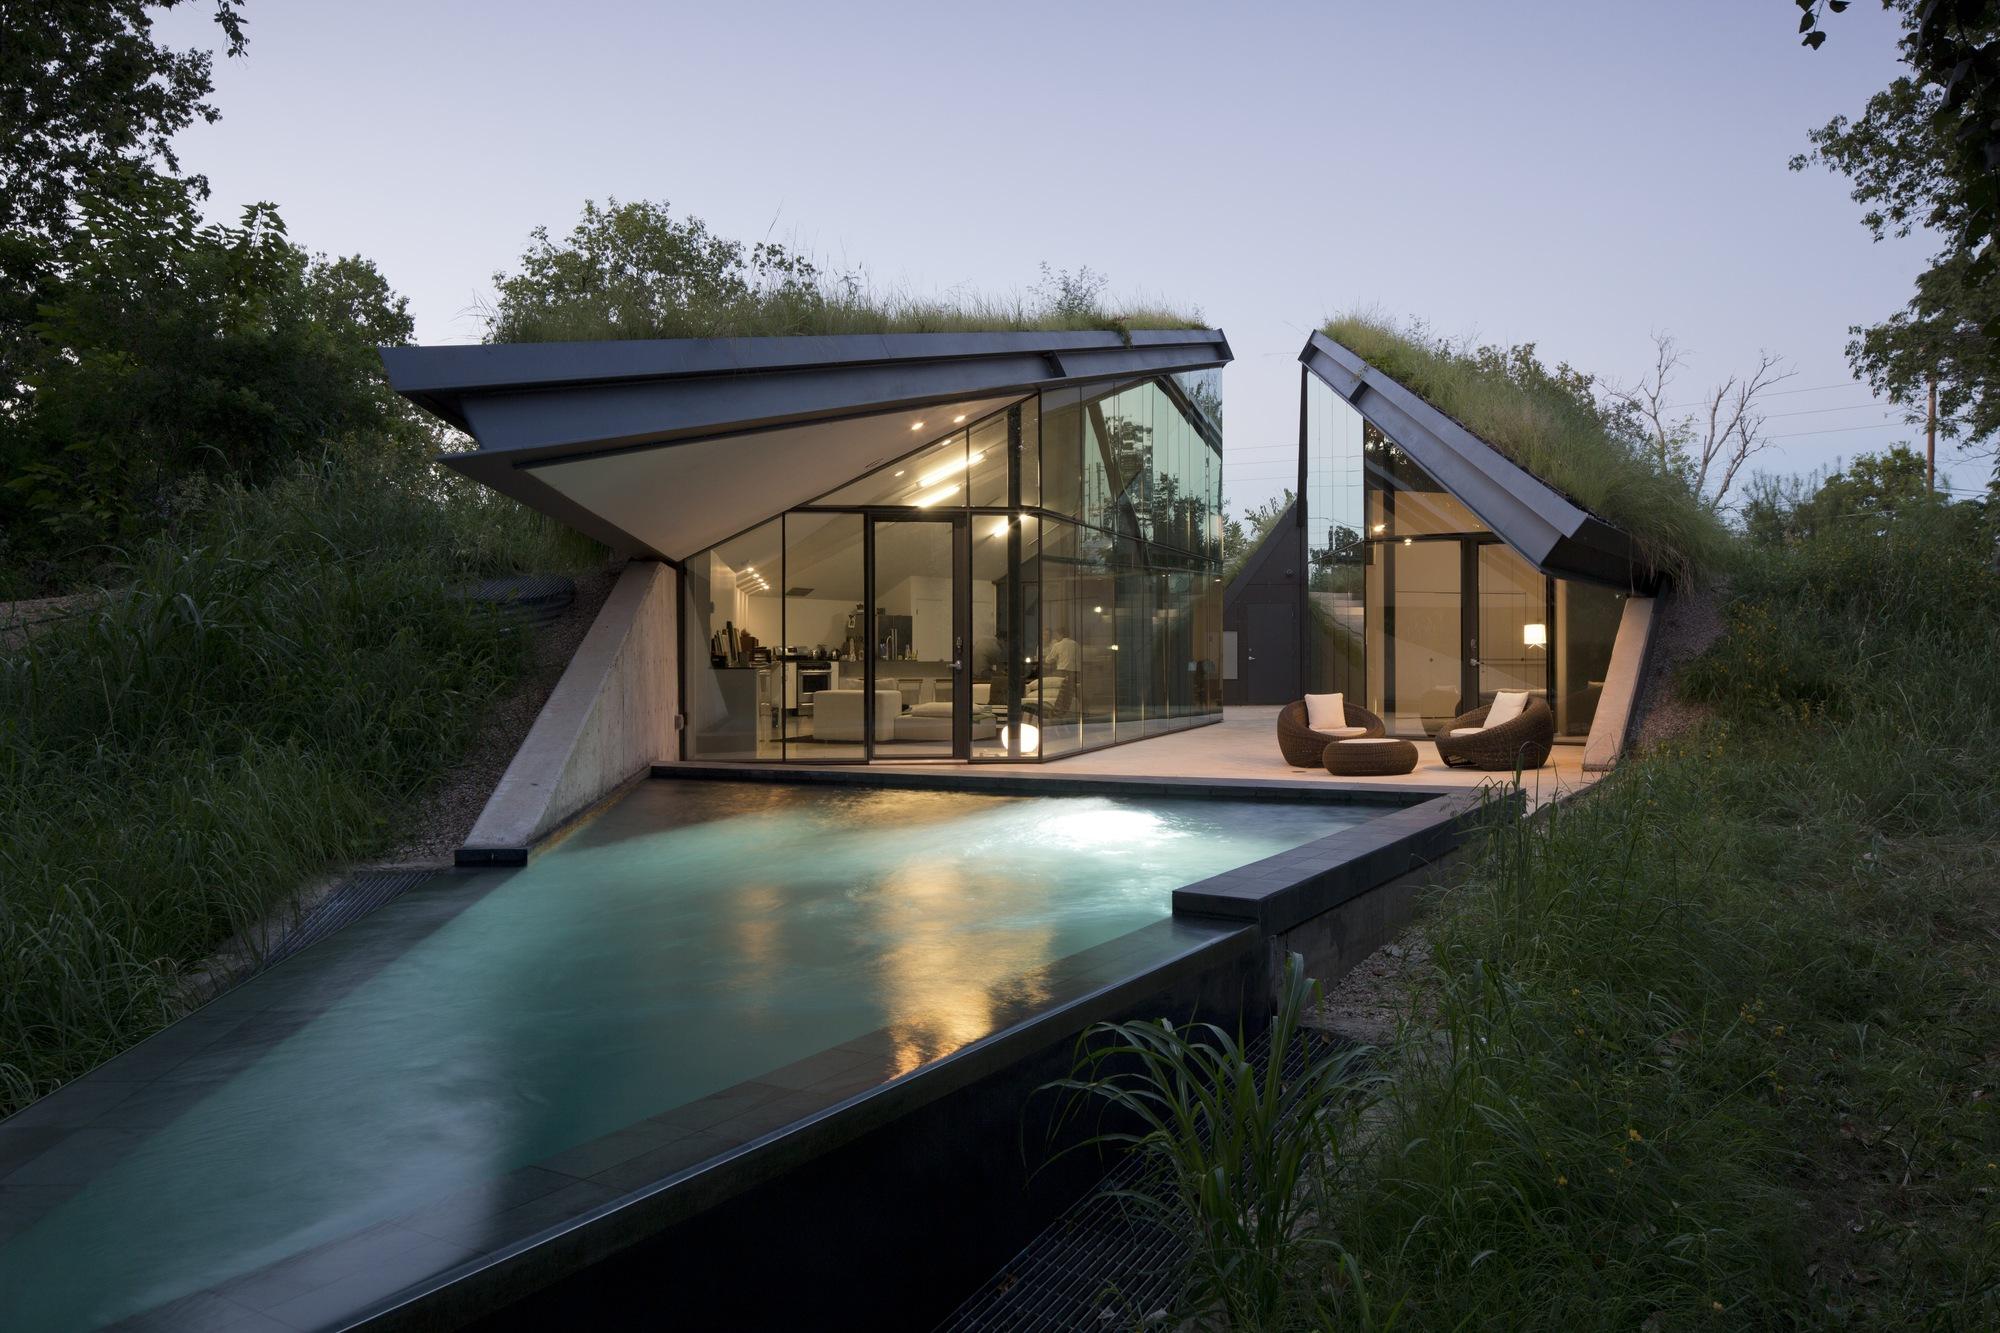 Connu Maison avec gazon sur le toit JZ13